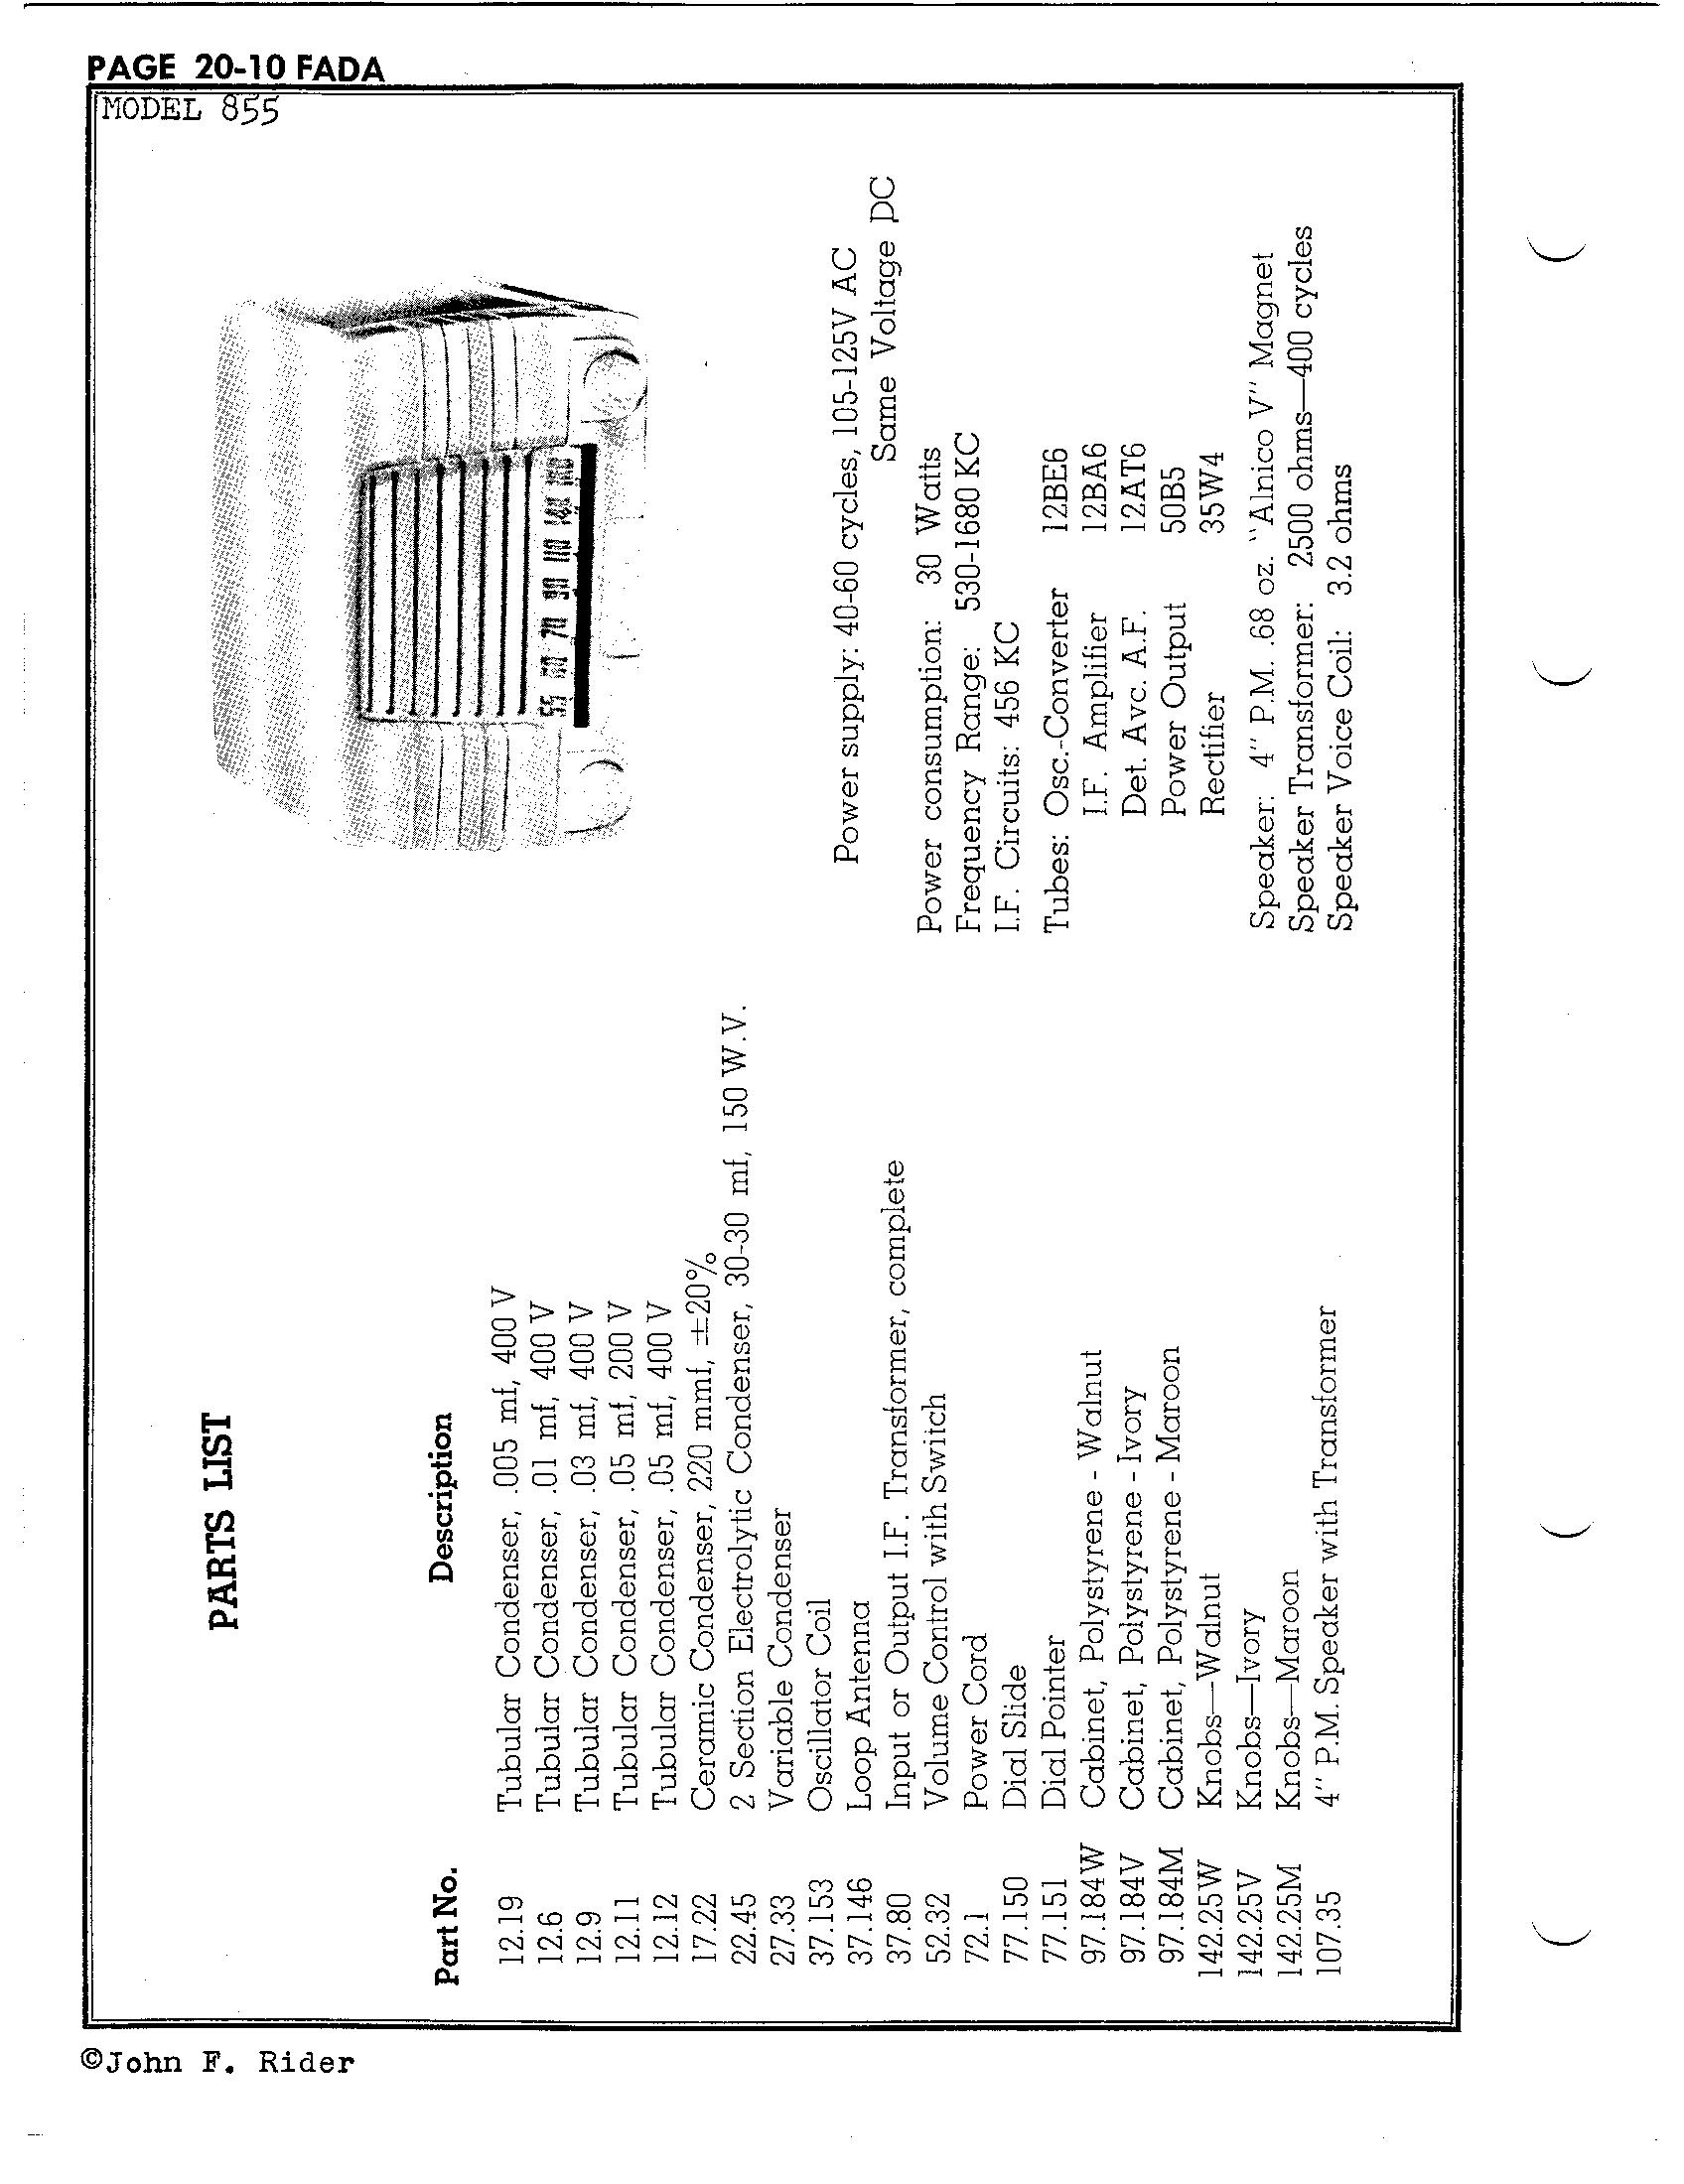 Fada Radio Amp Electric Co Inc 855